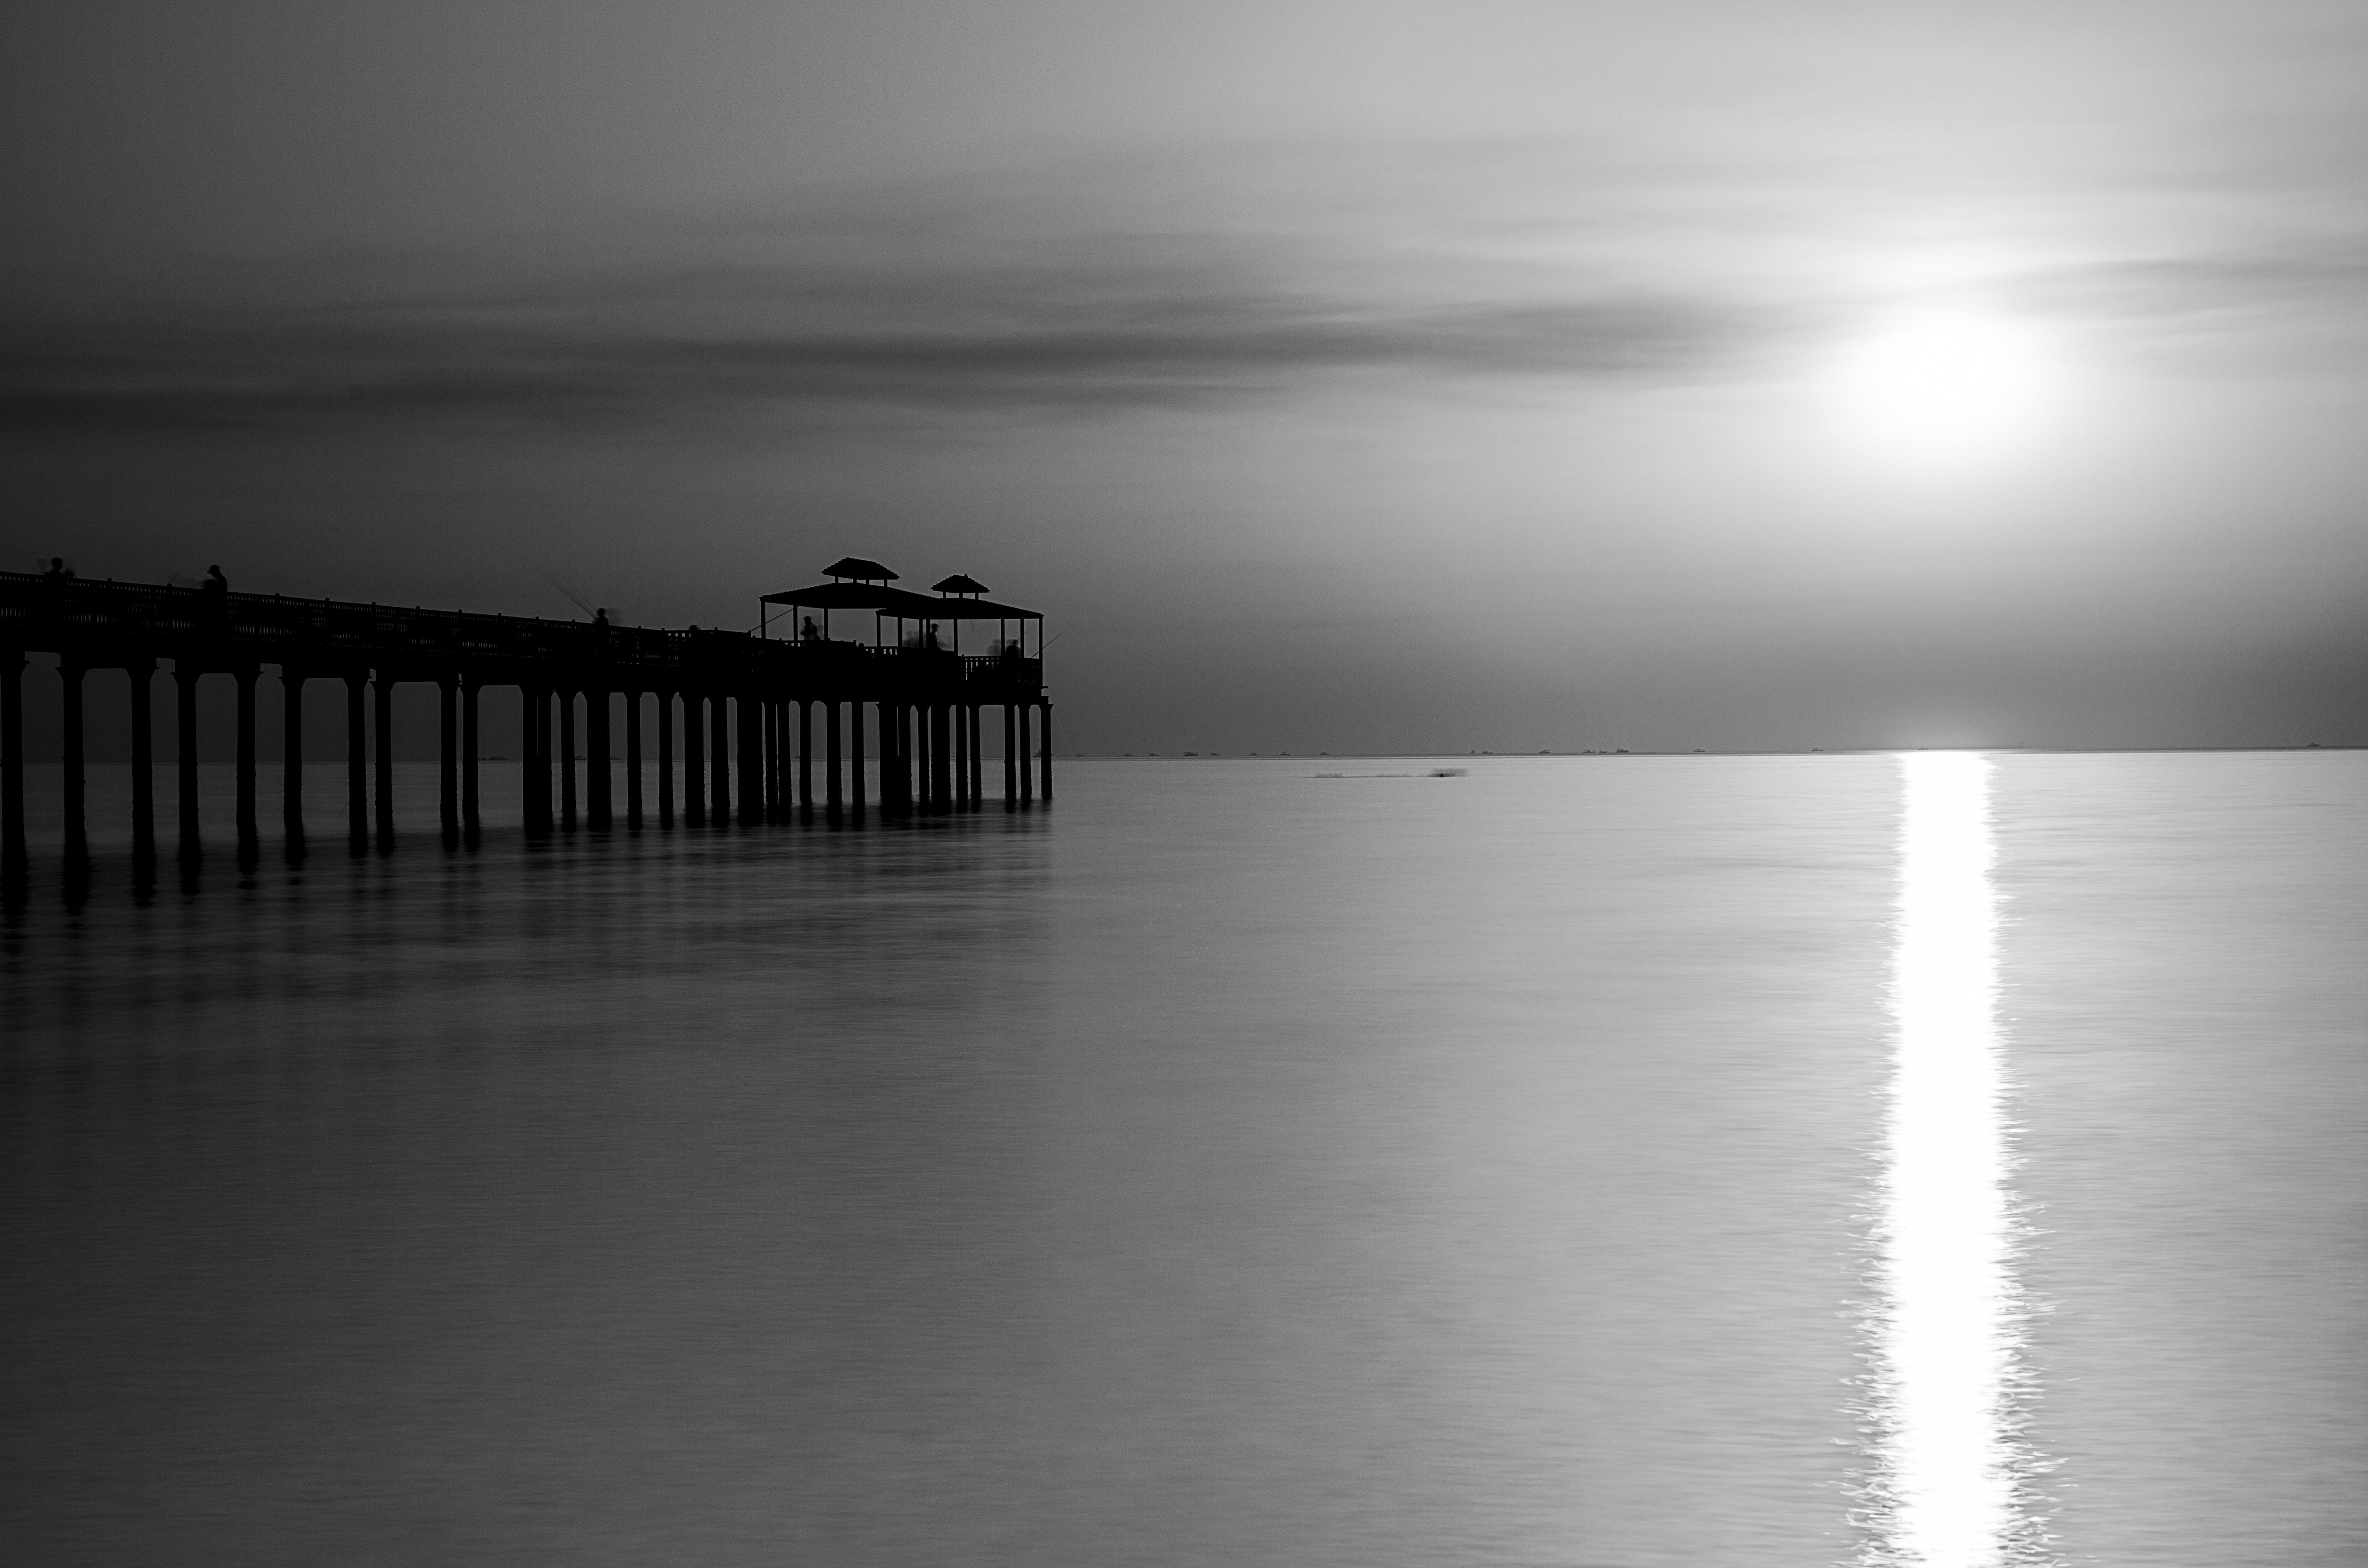 Kostenloses Stock Foto zu brücke, schwarz und weiß, seelandschaft, sonnenaufgang